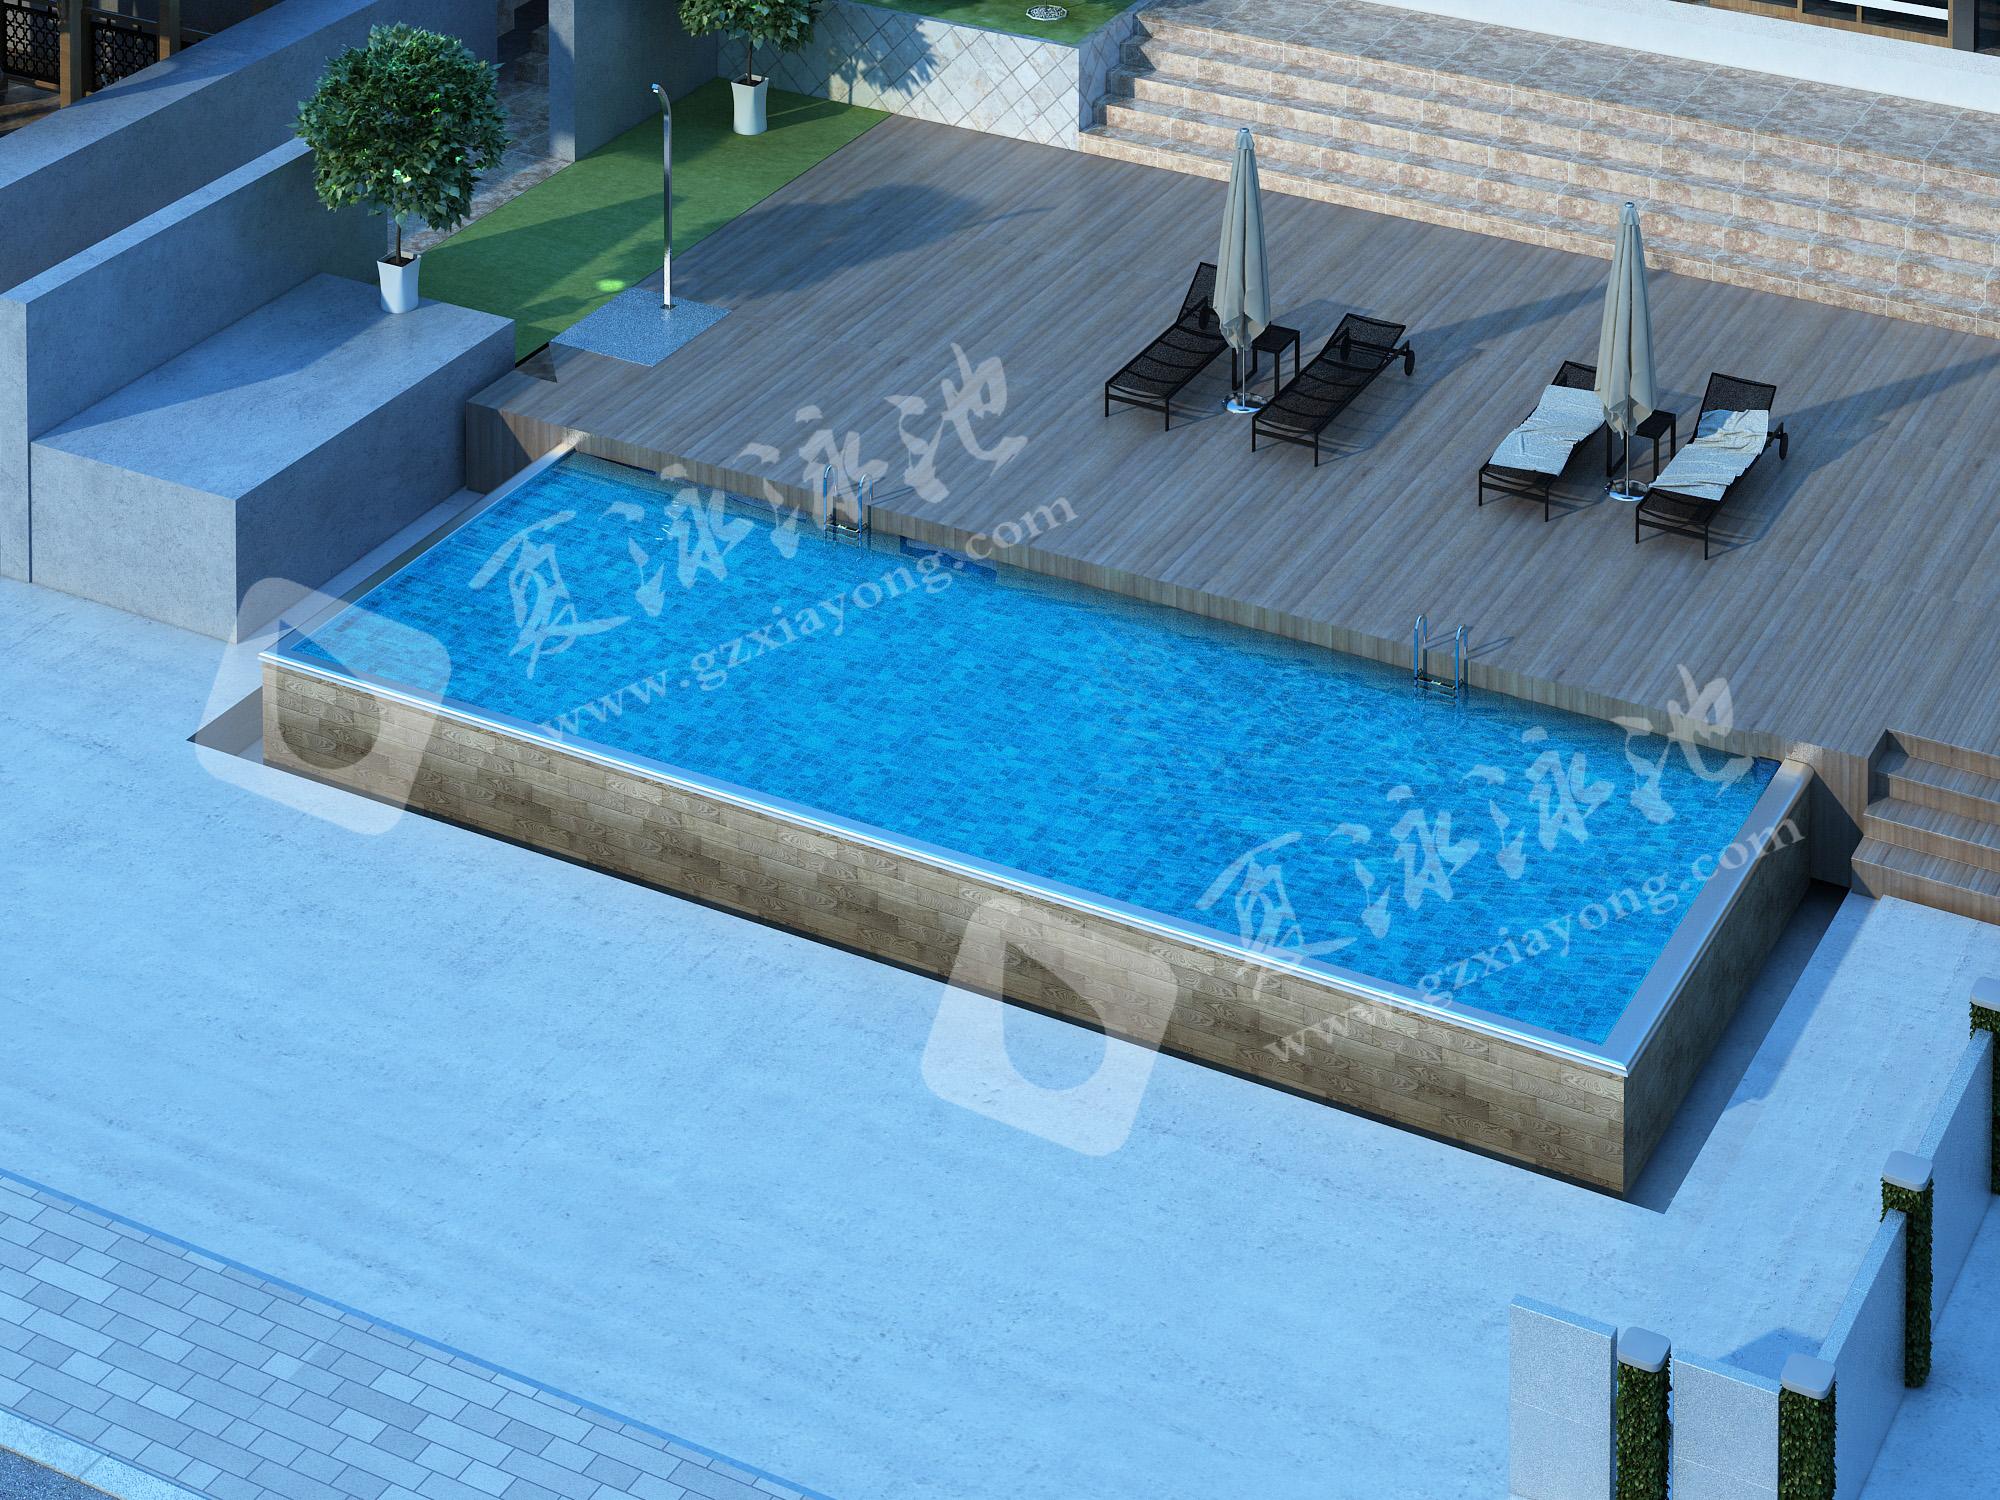 别墅类型私人类型钢结构拆装式游泳池解决方案